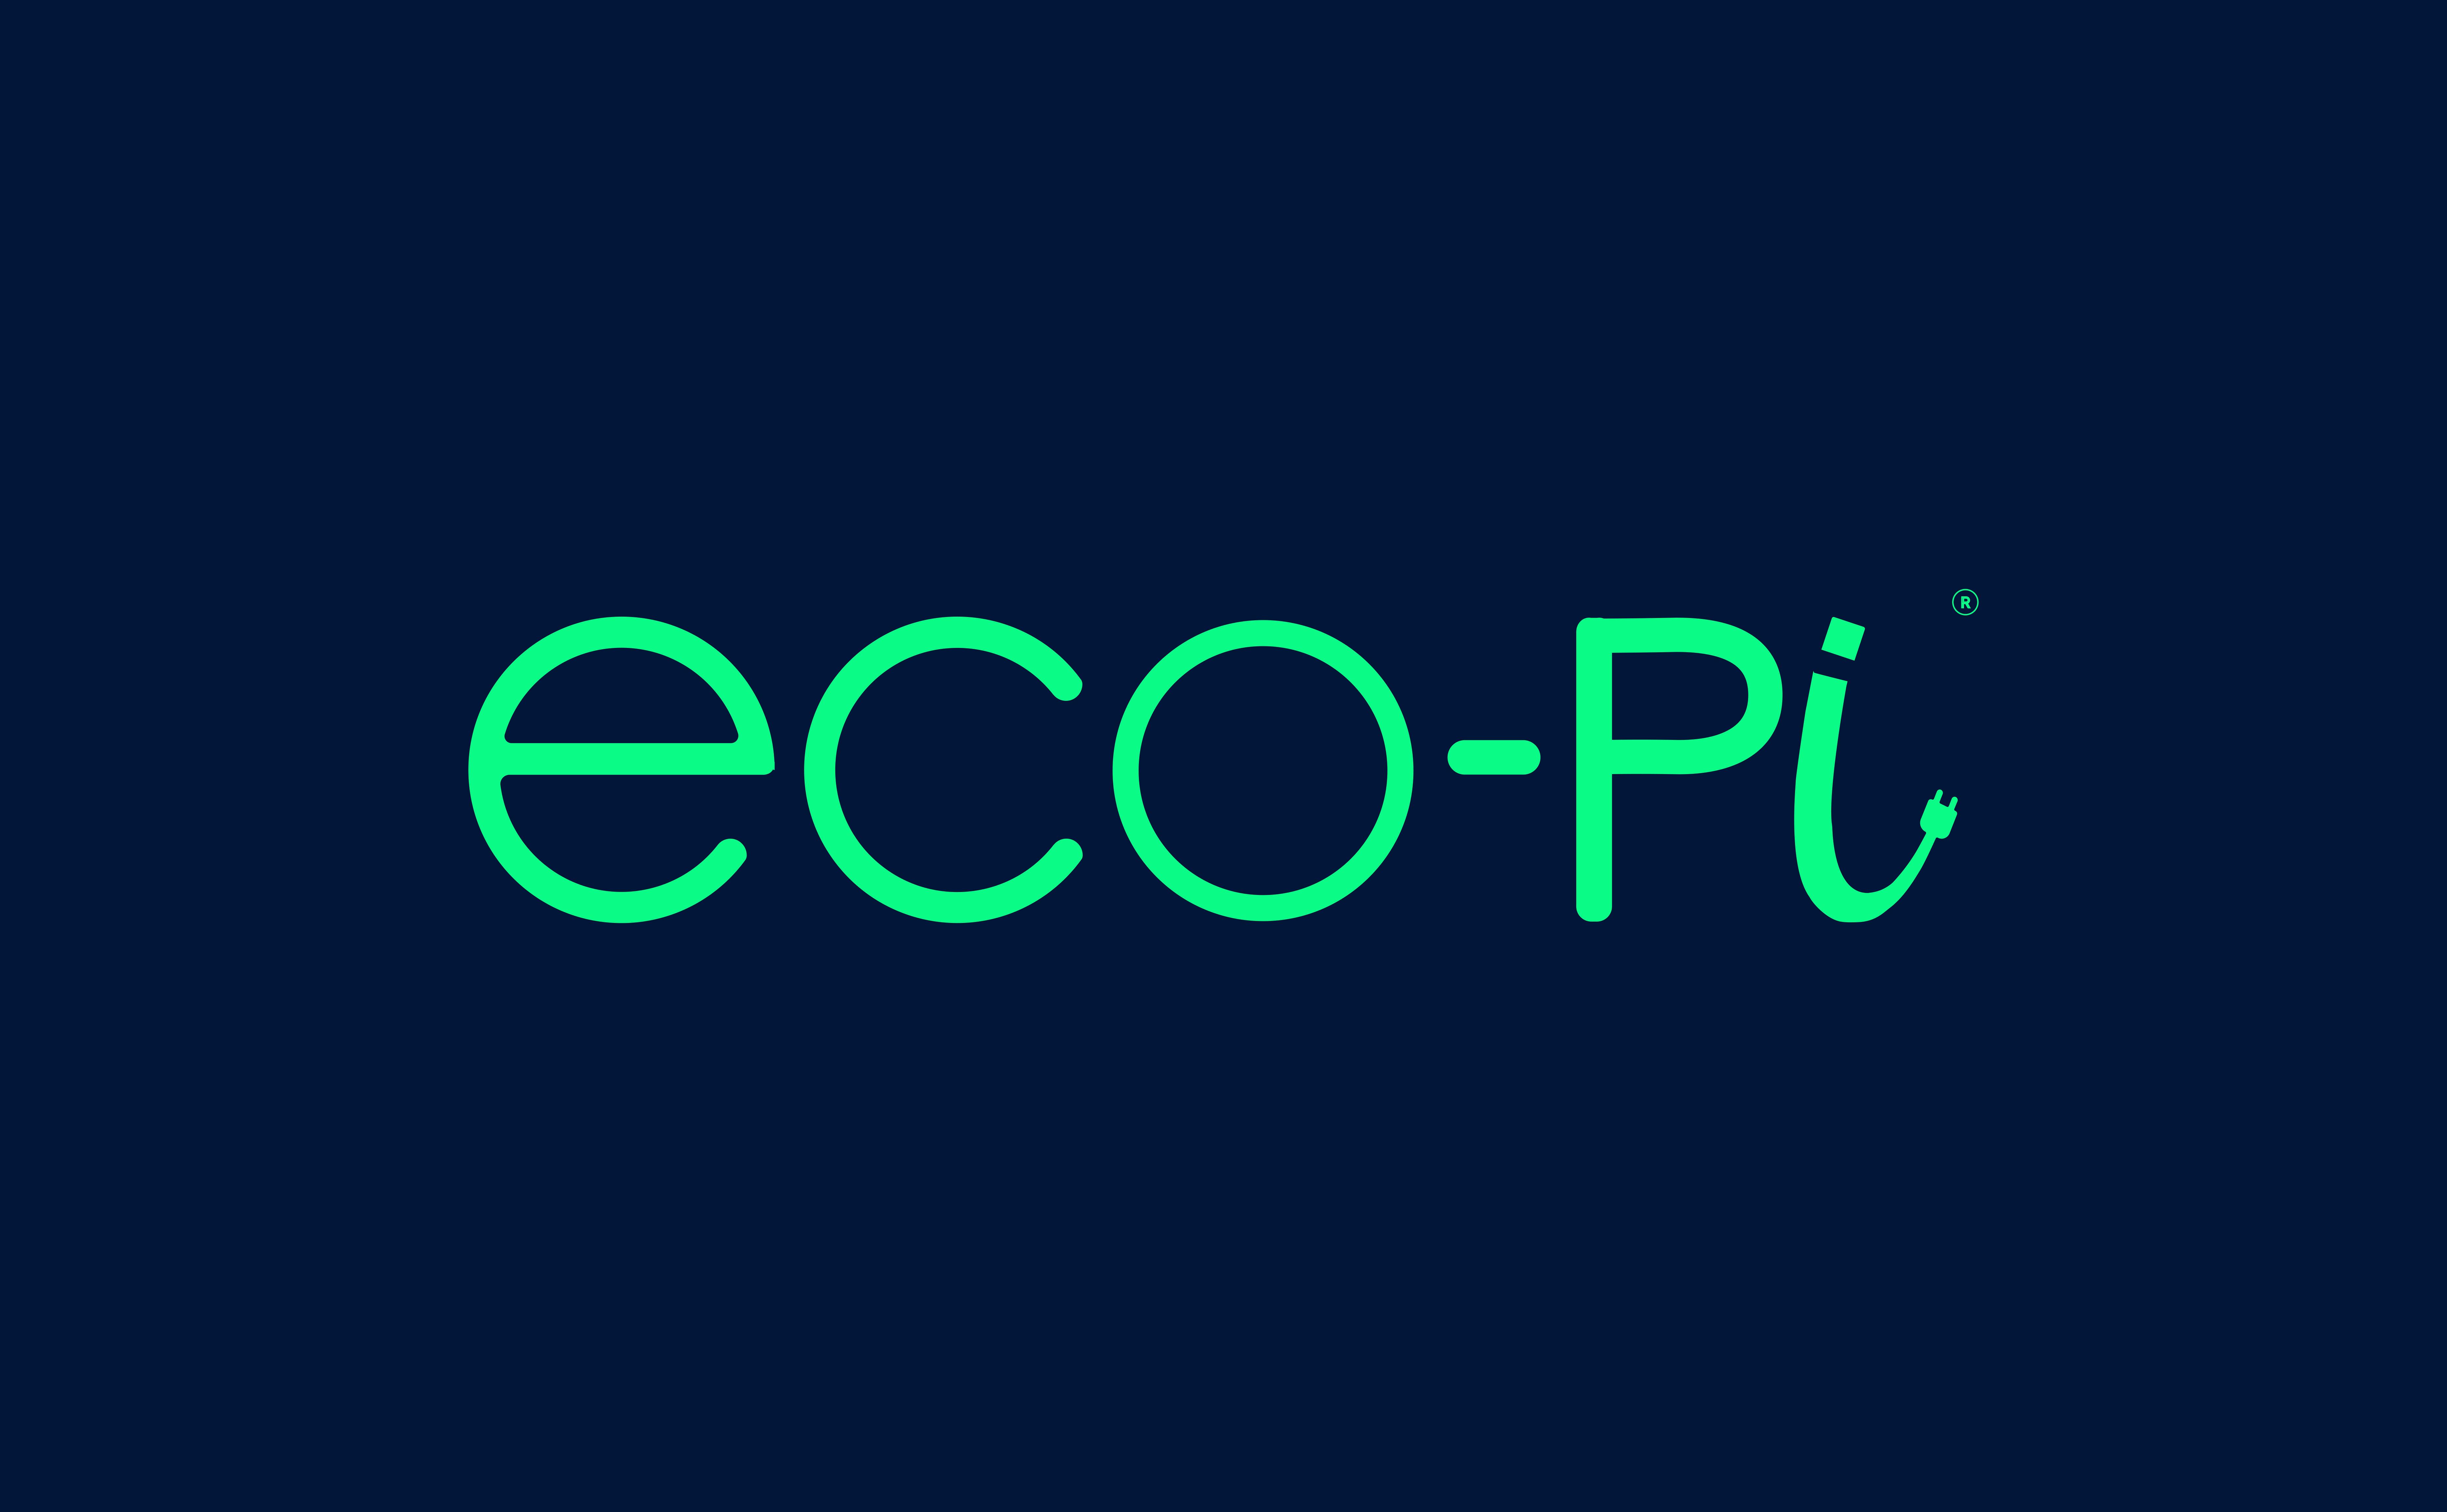 ECO-PI